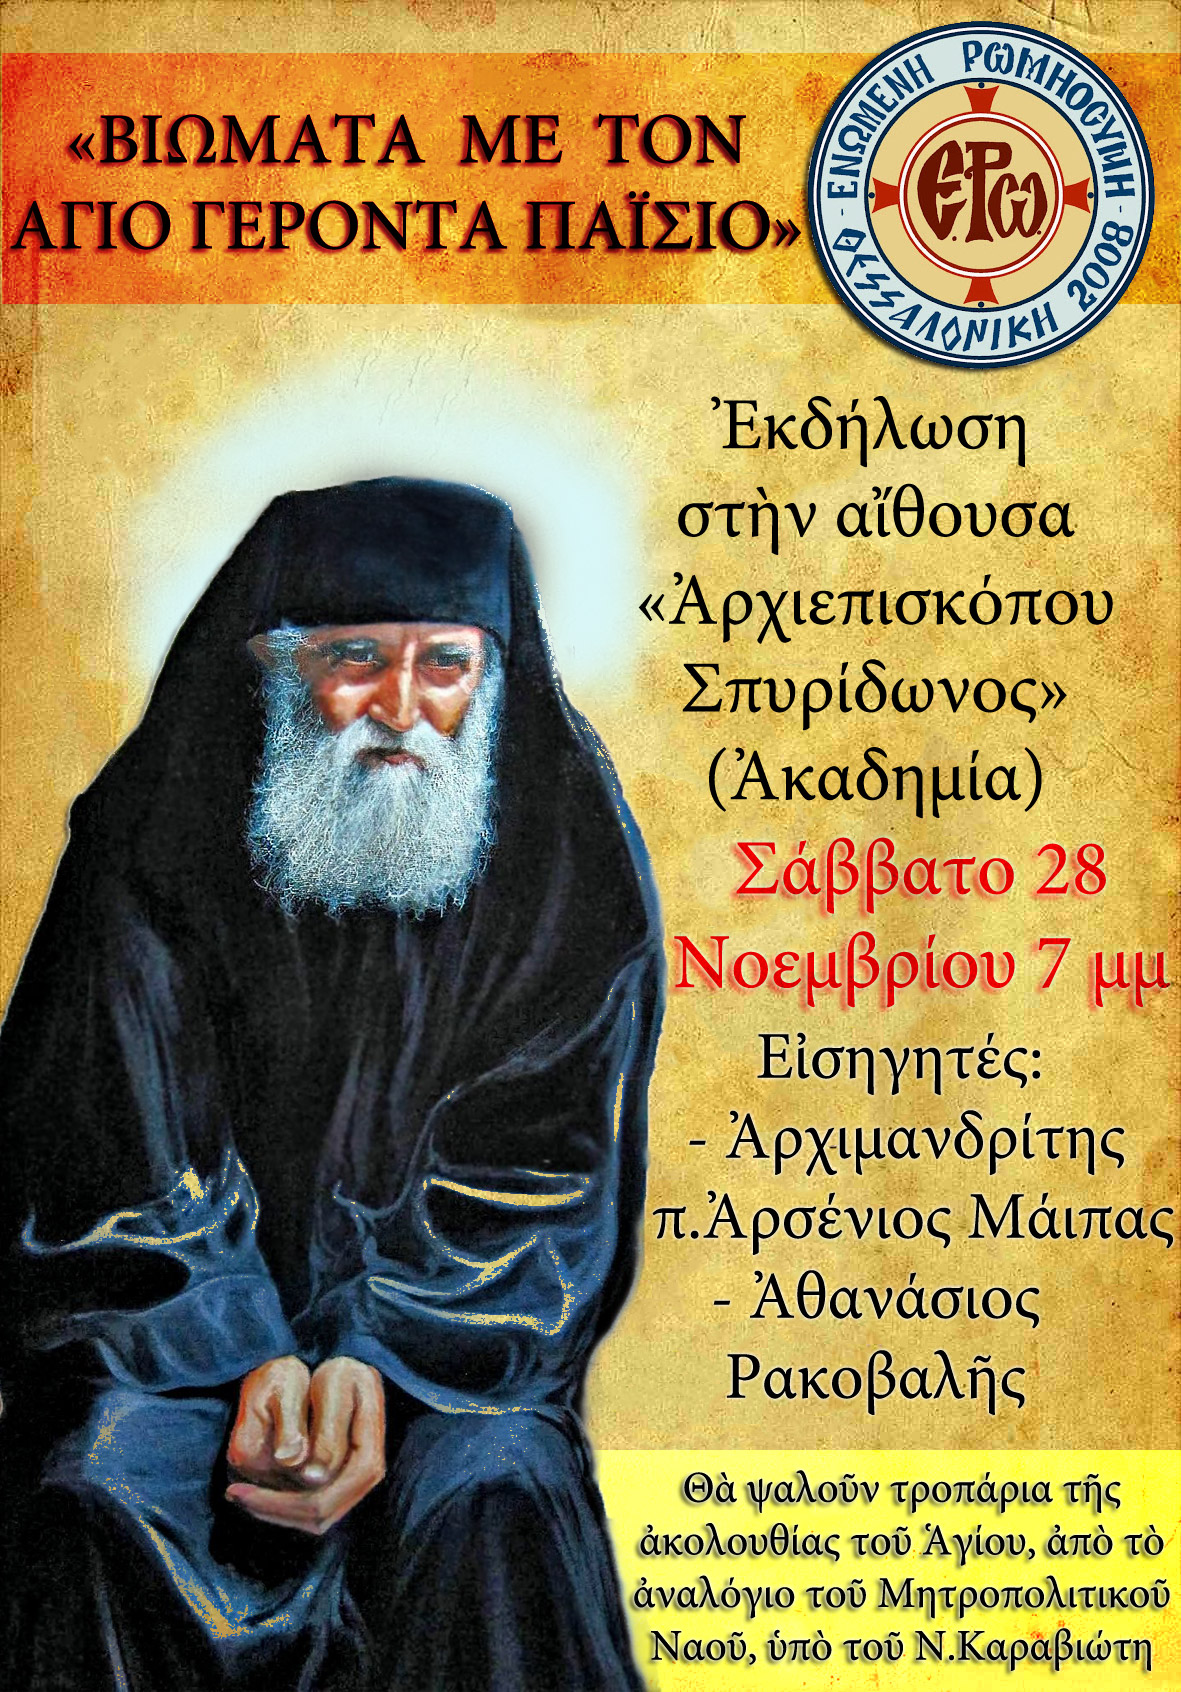 εκδηλωση-ερω-αγιος-παισιος-ιωαννινα